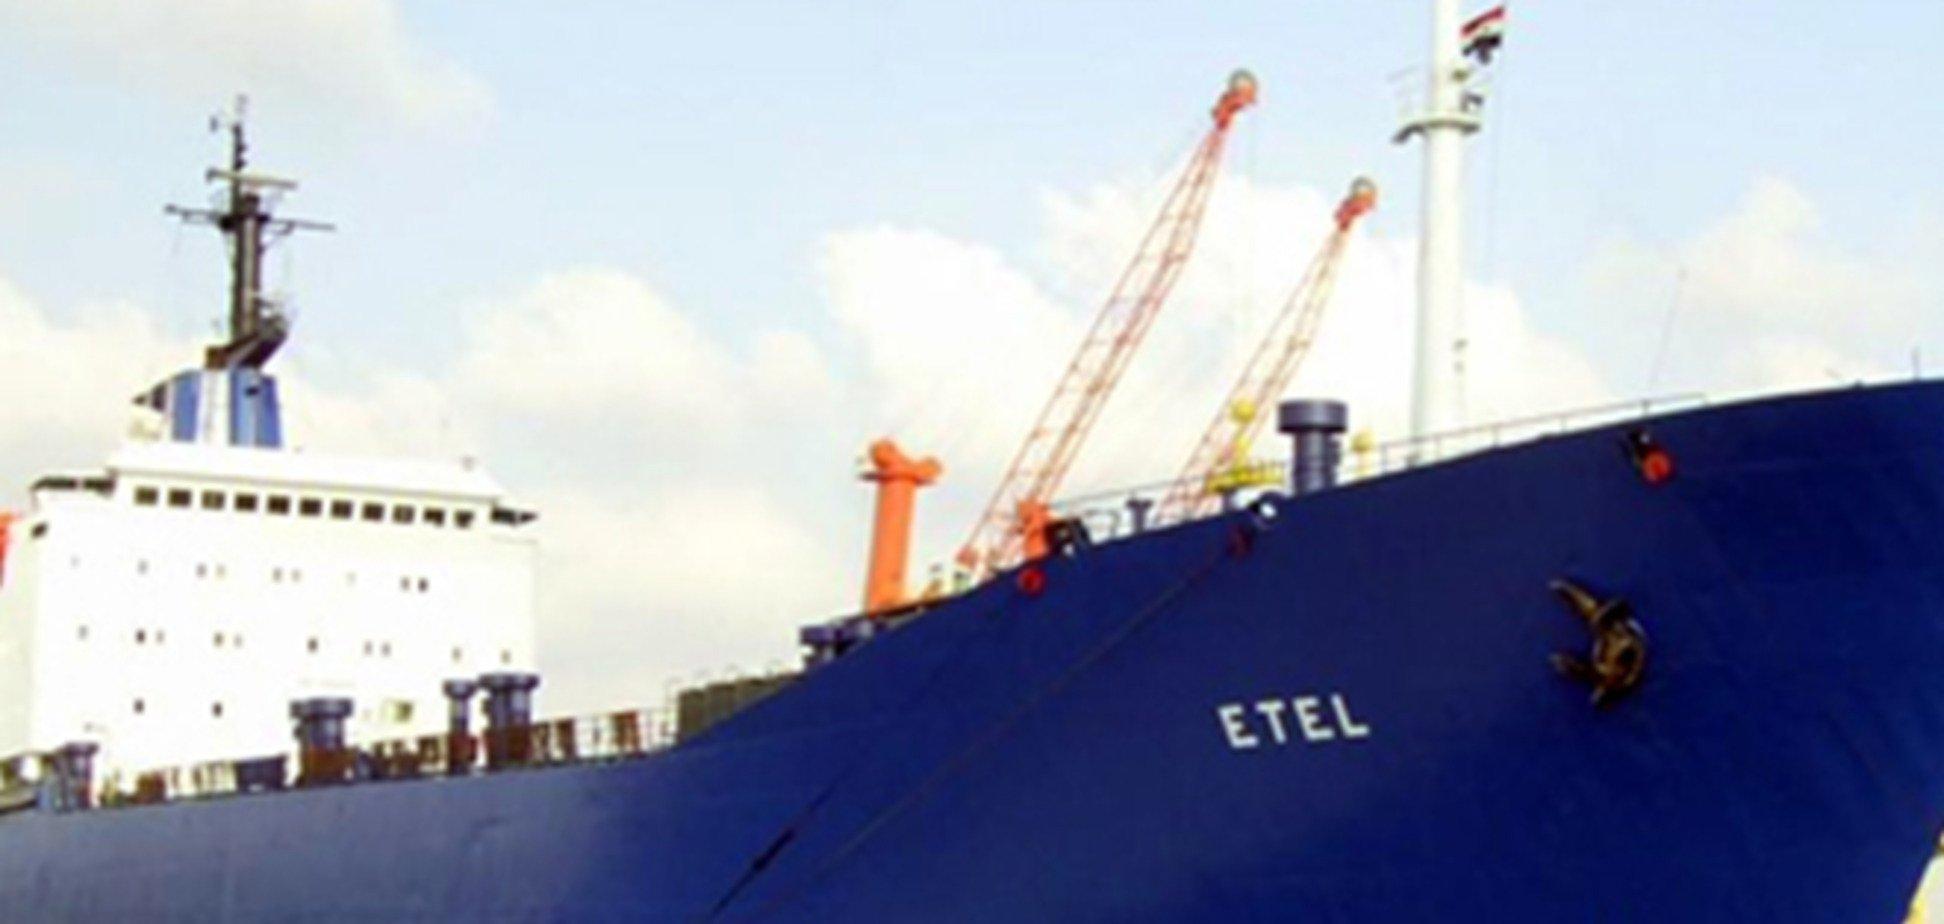 Украинских моряков захватили в Ливии из-за бизнес-разборок